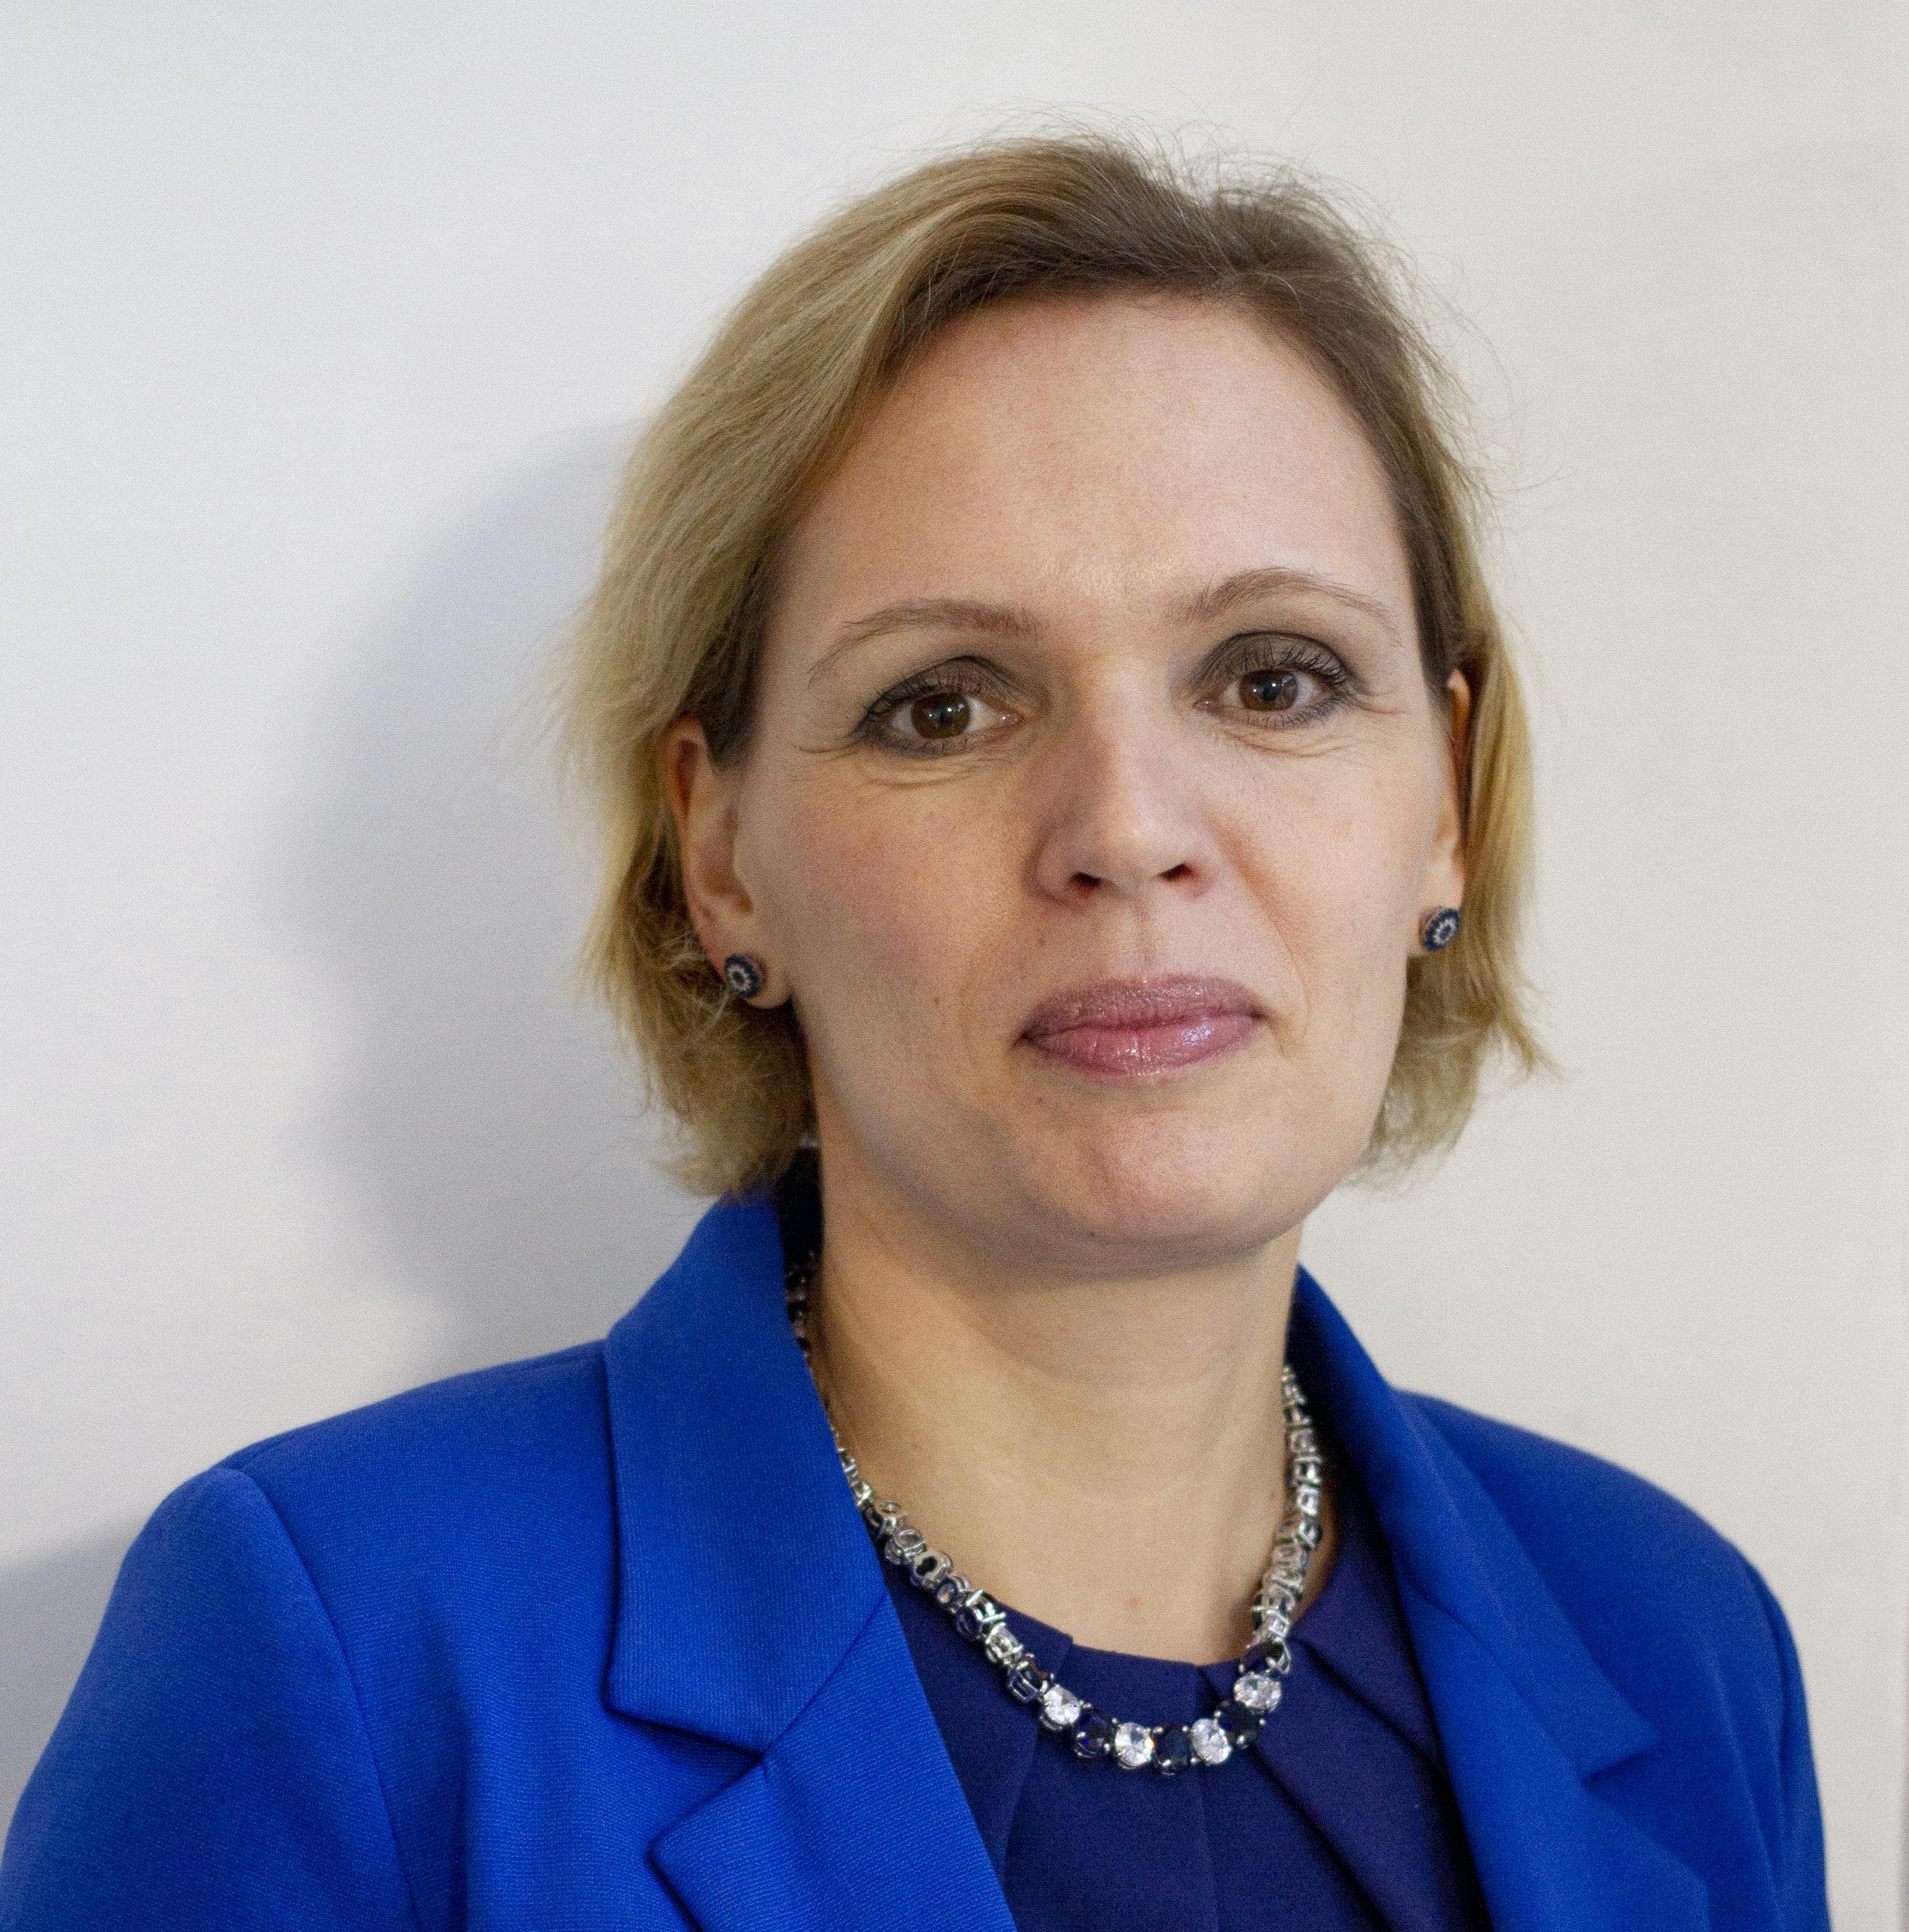 Лопаткина Татьяна Сергеевна